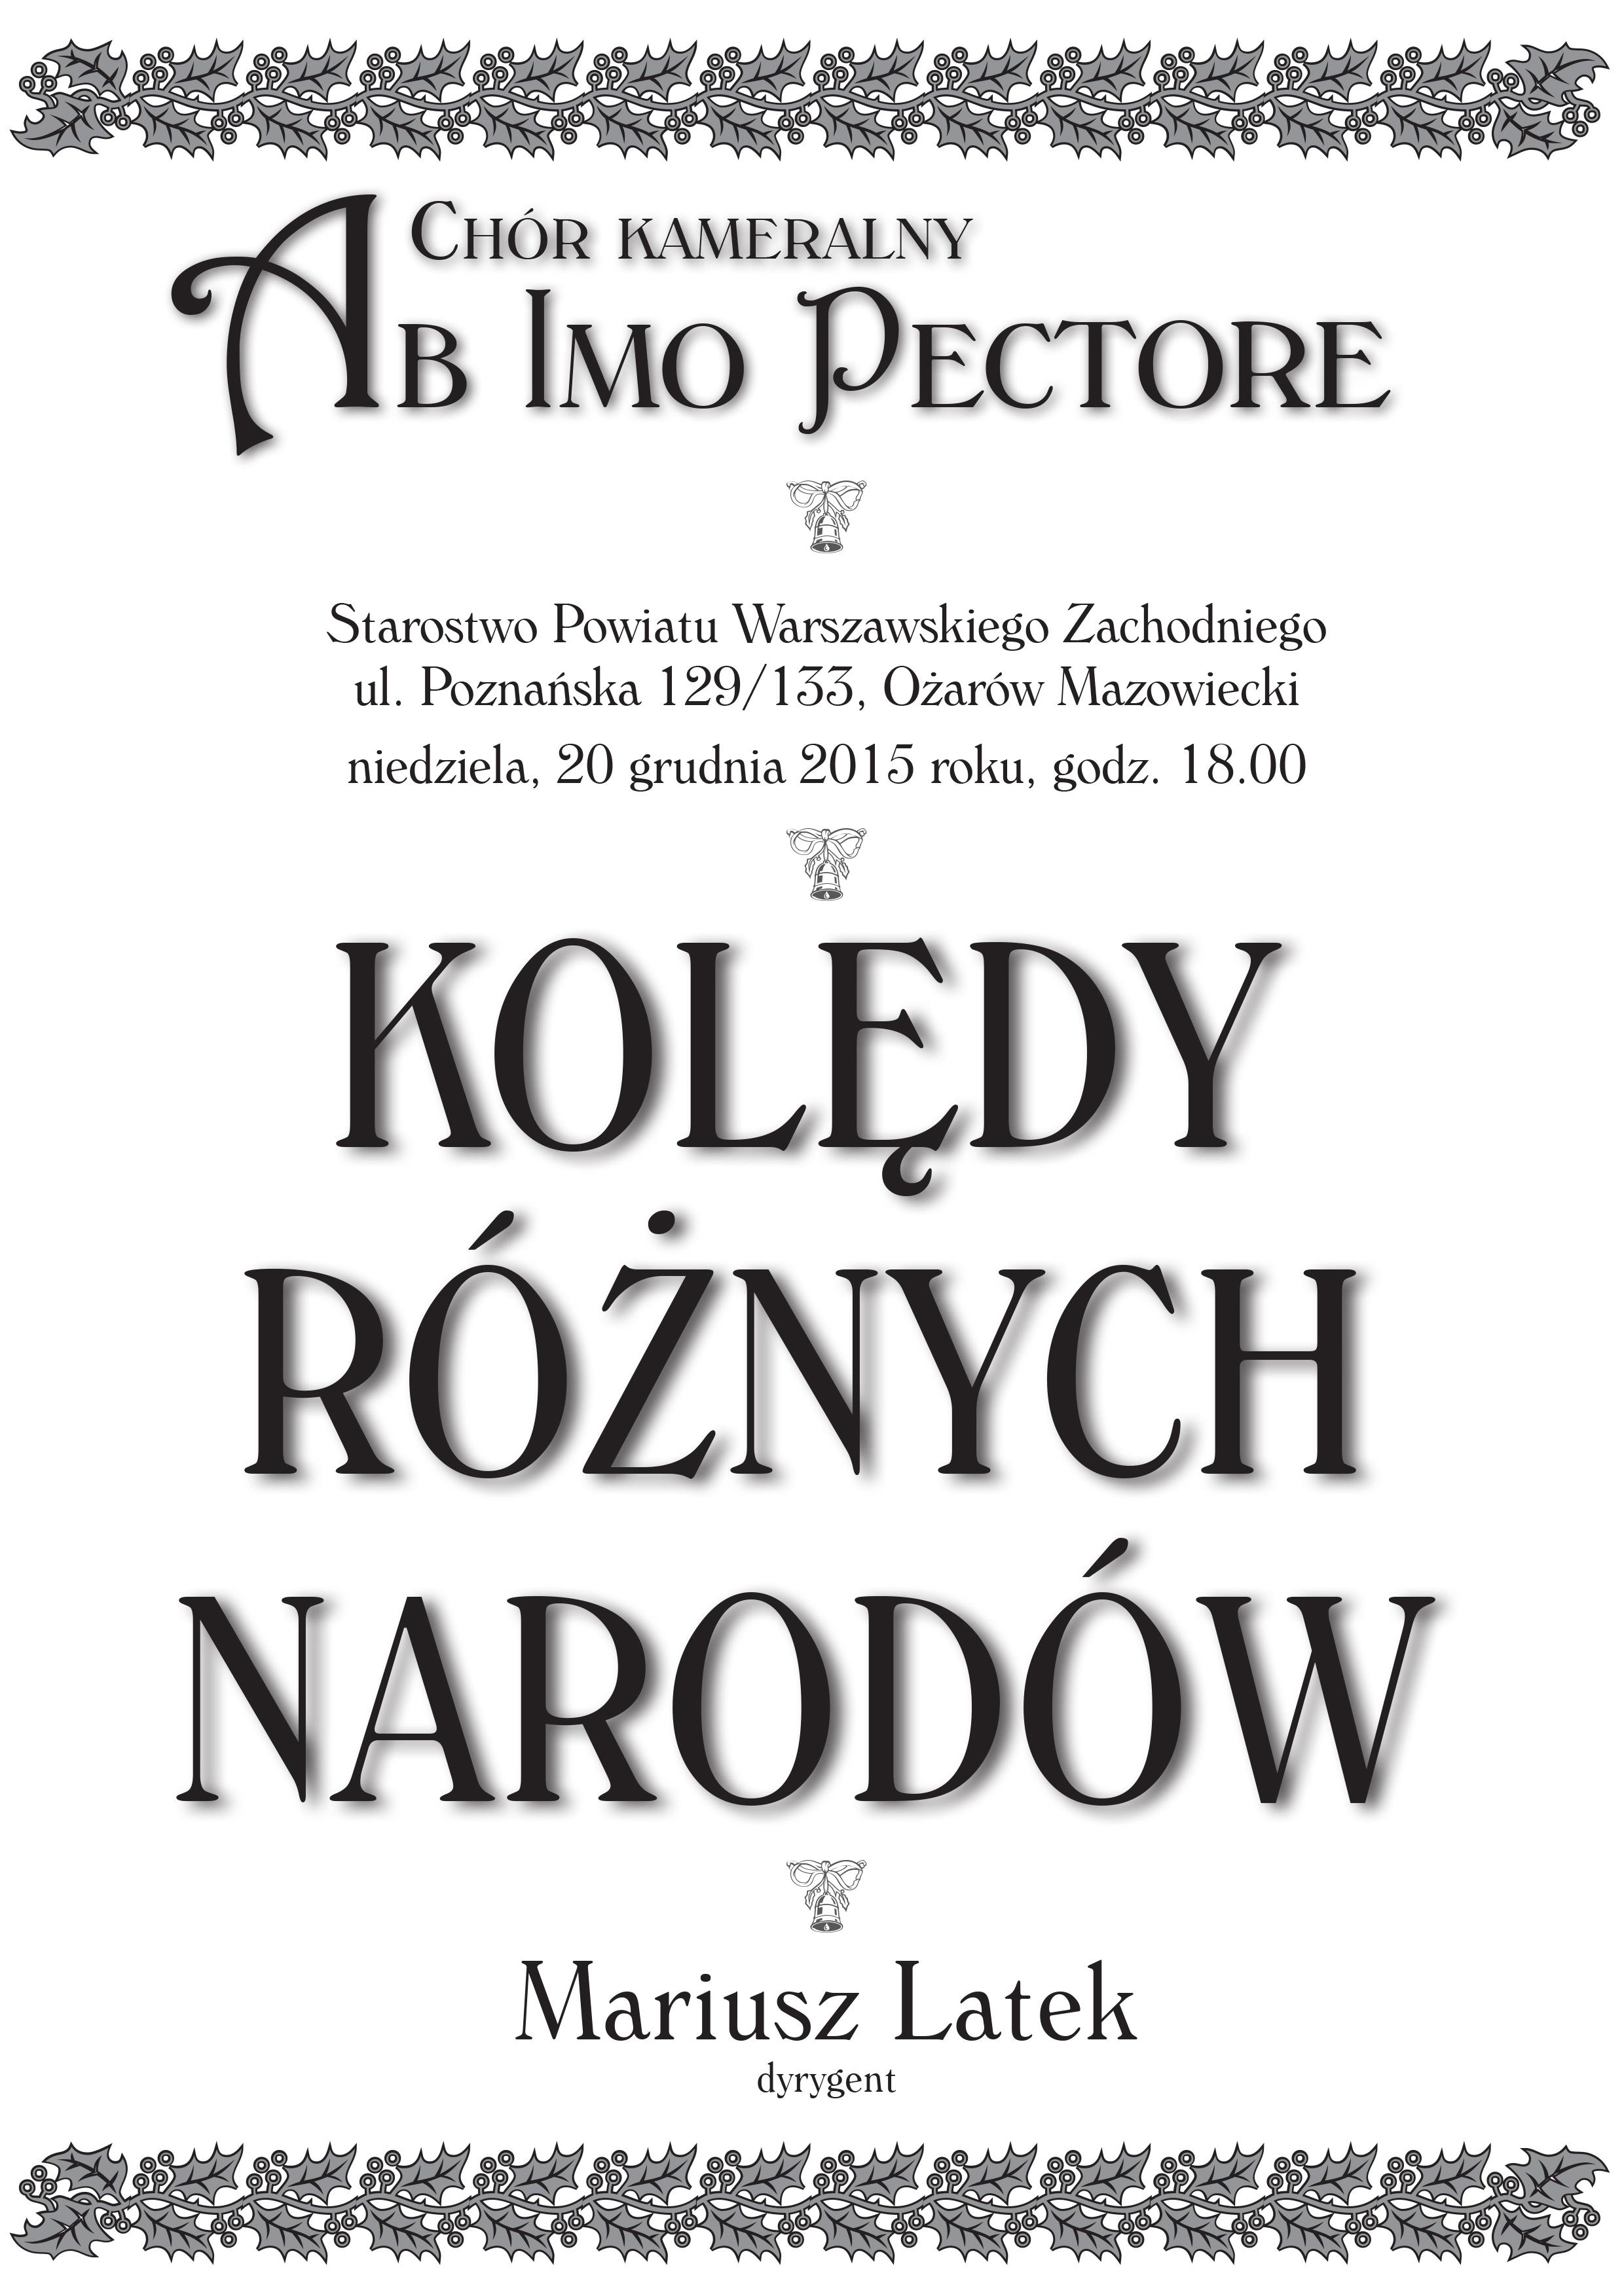 koledy_starostwo